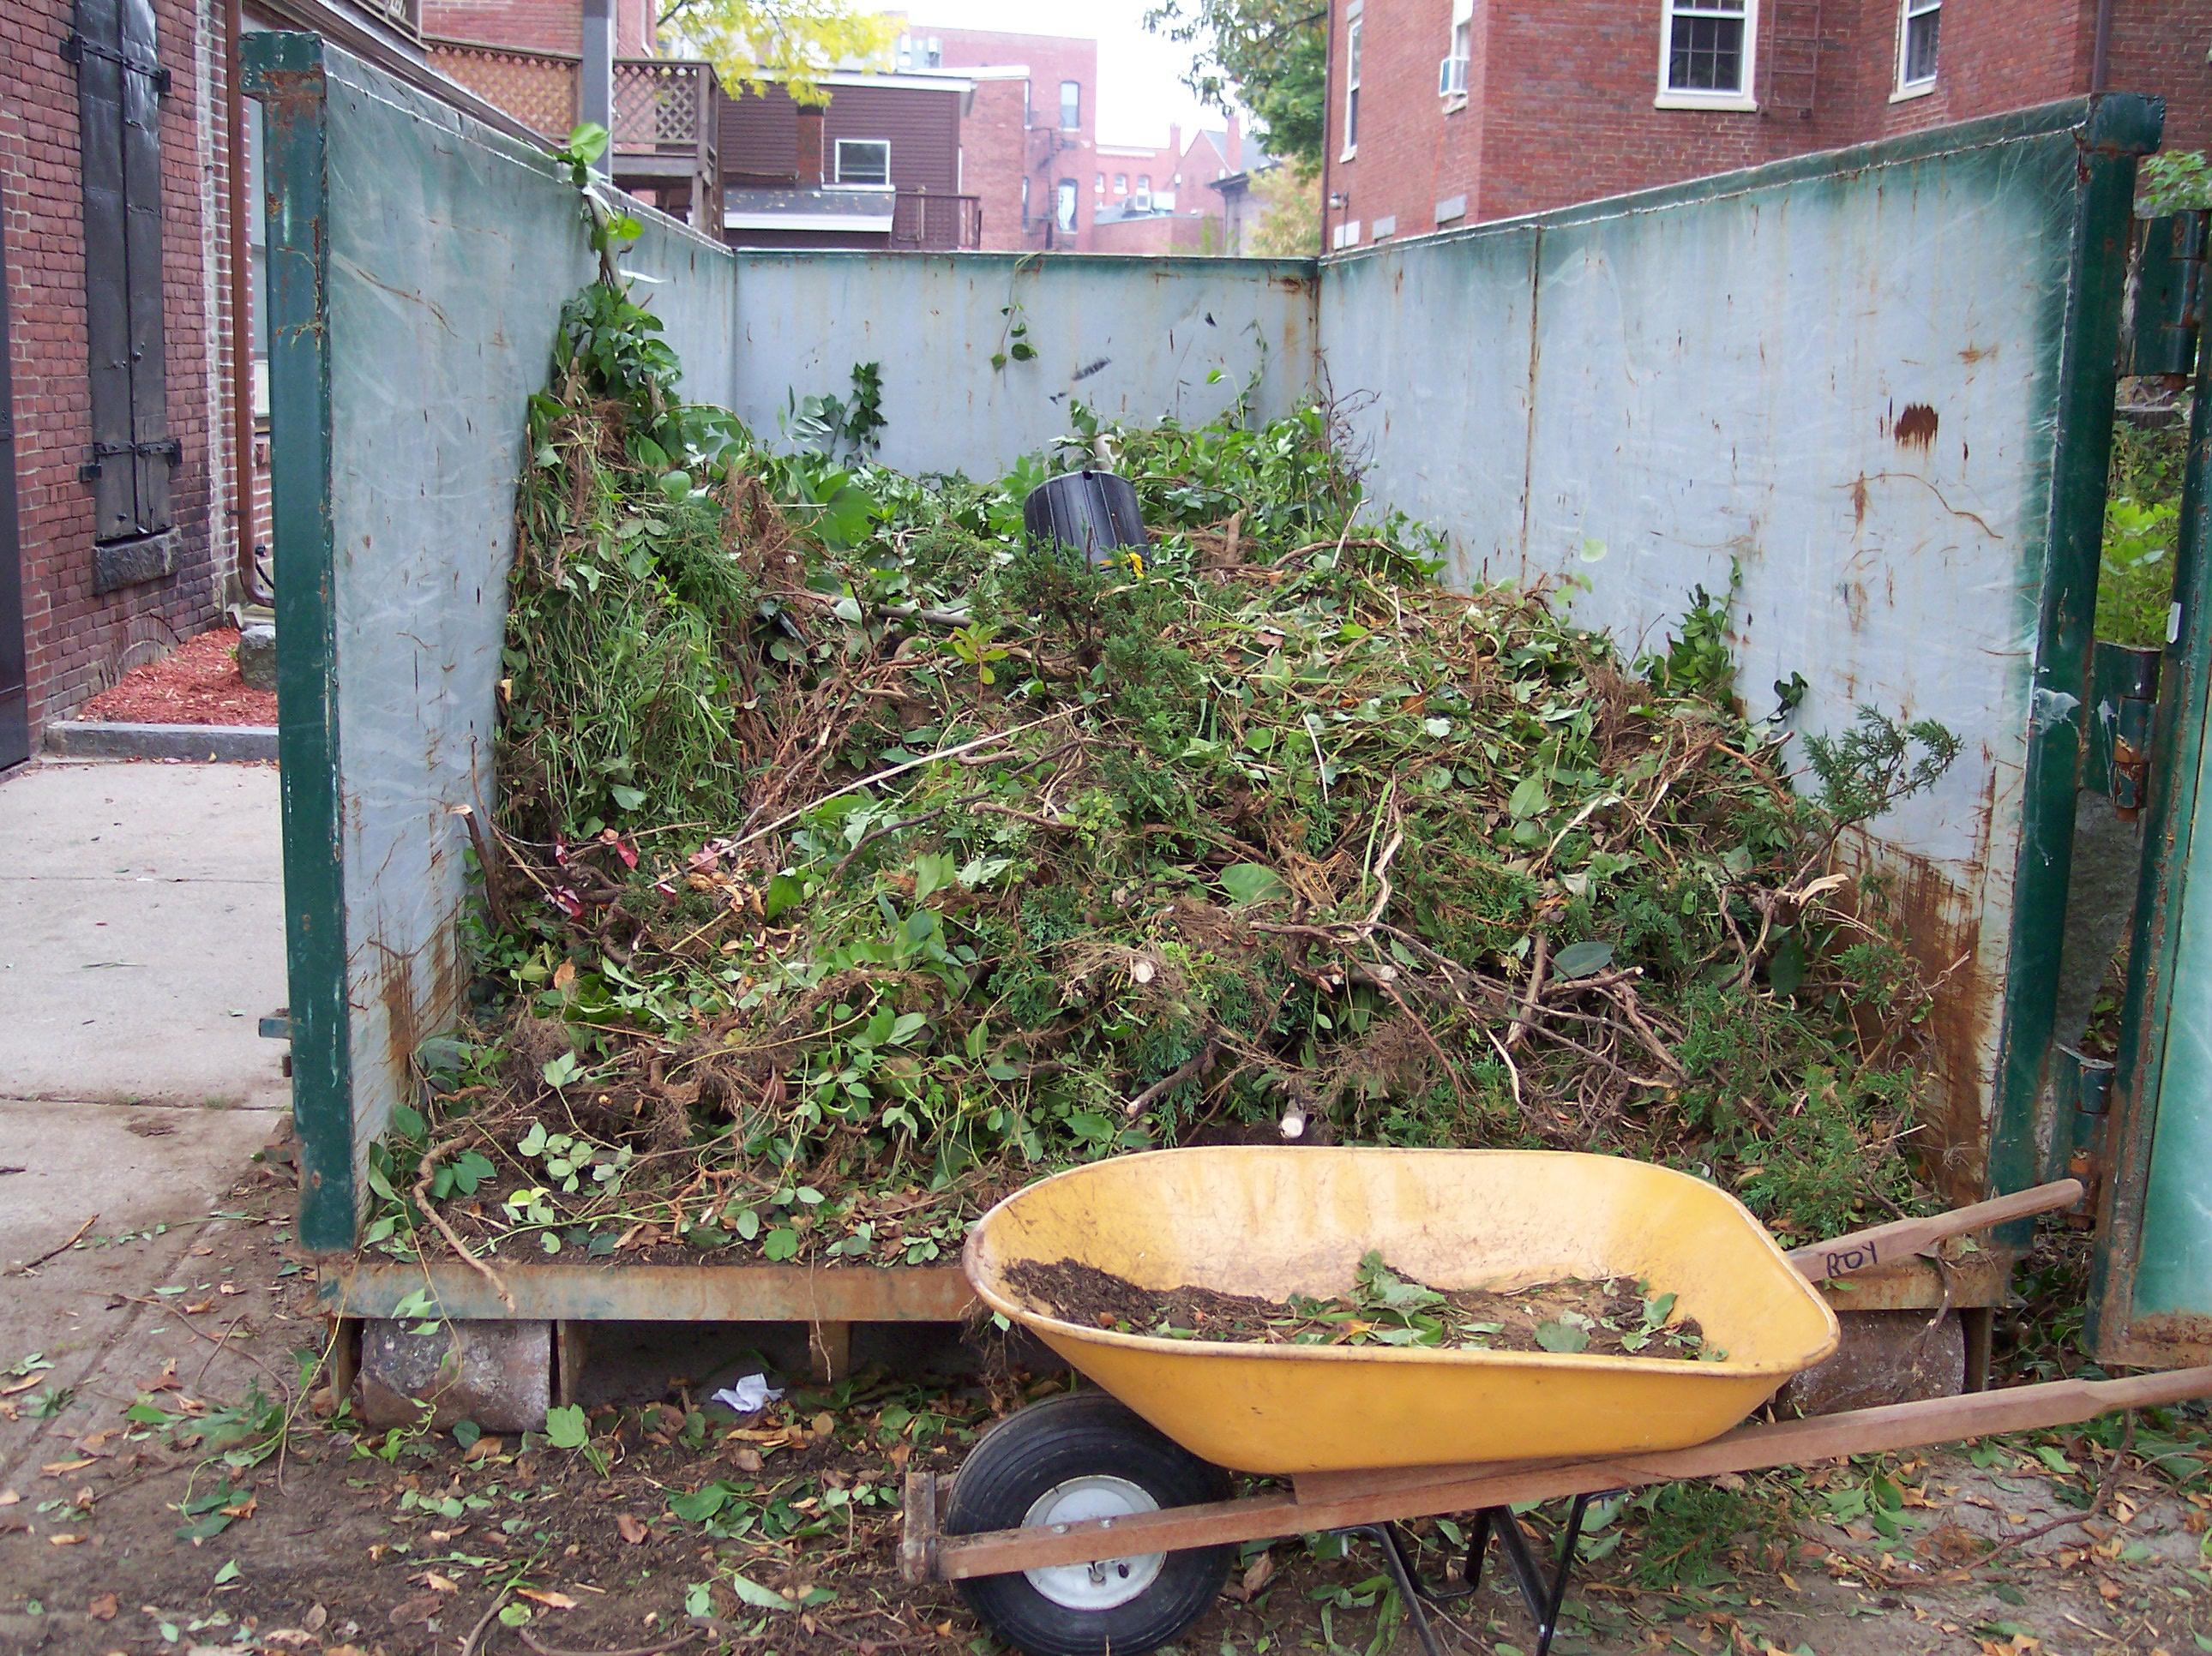 dumpster-getting-full